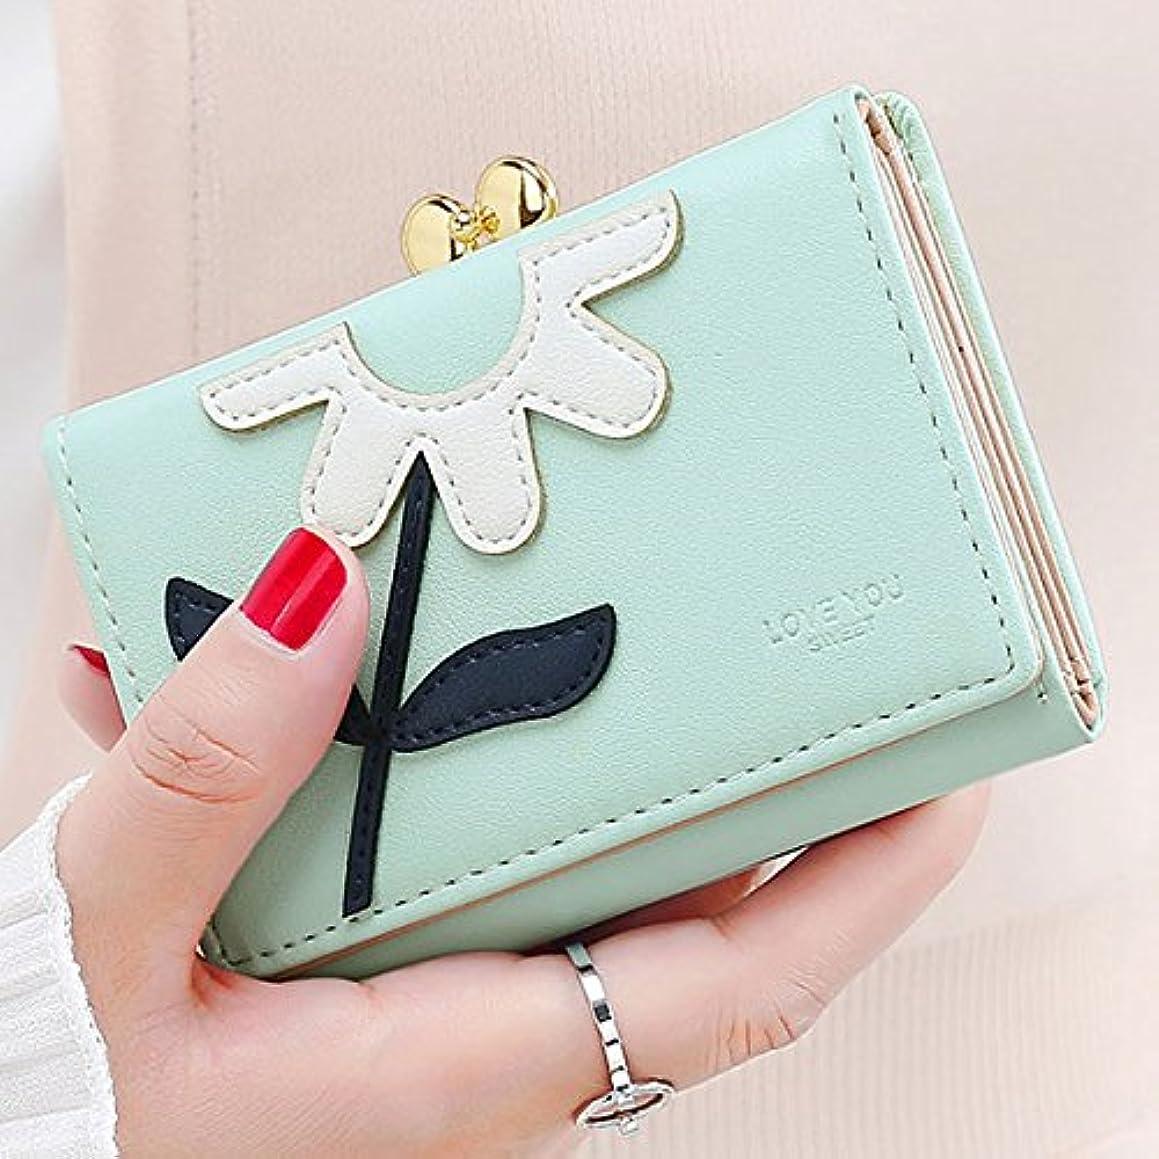 団結同志ロゴピンク他全5色 レディース財布 財布 レディース 可愛い財布 (KQ558)